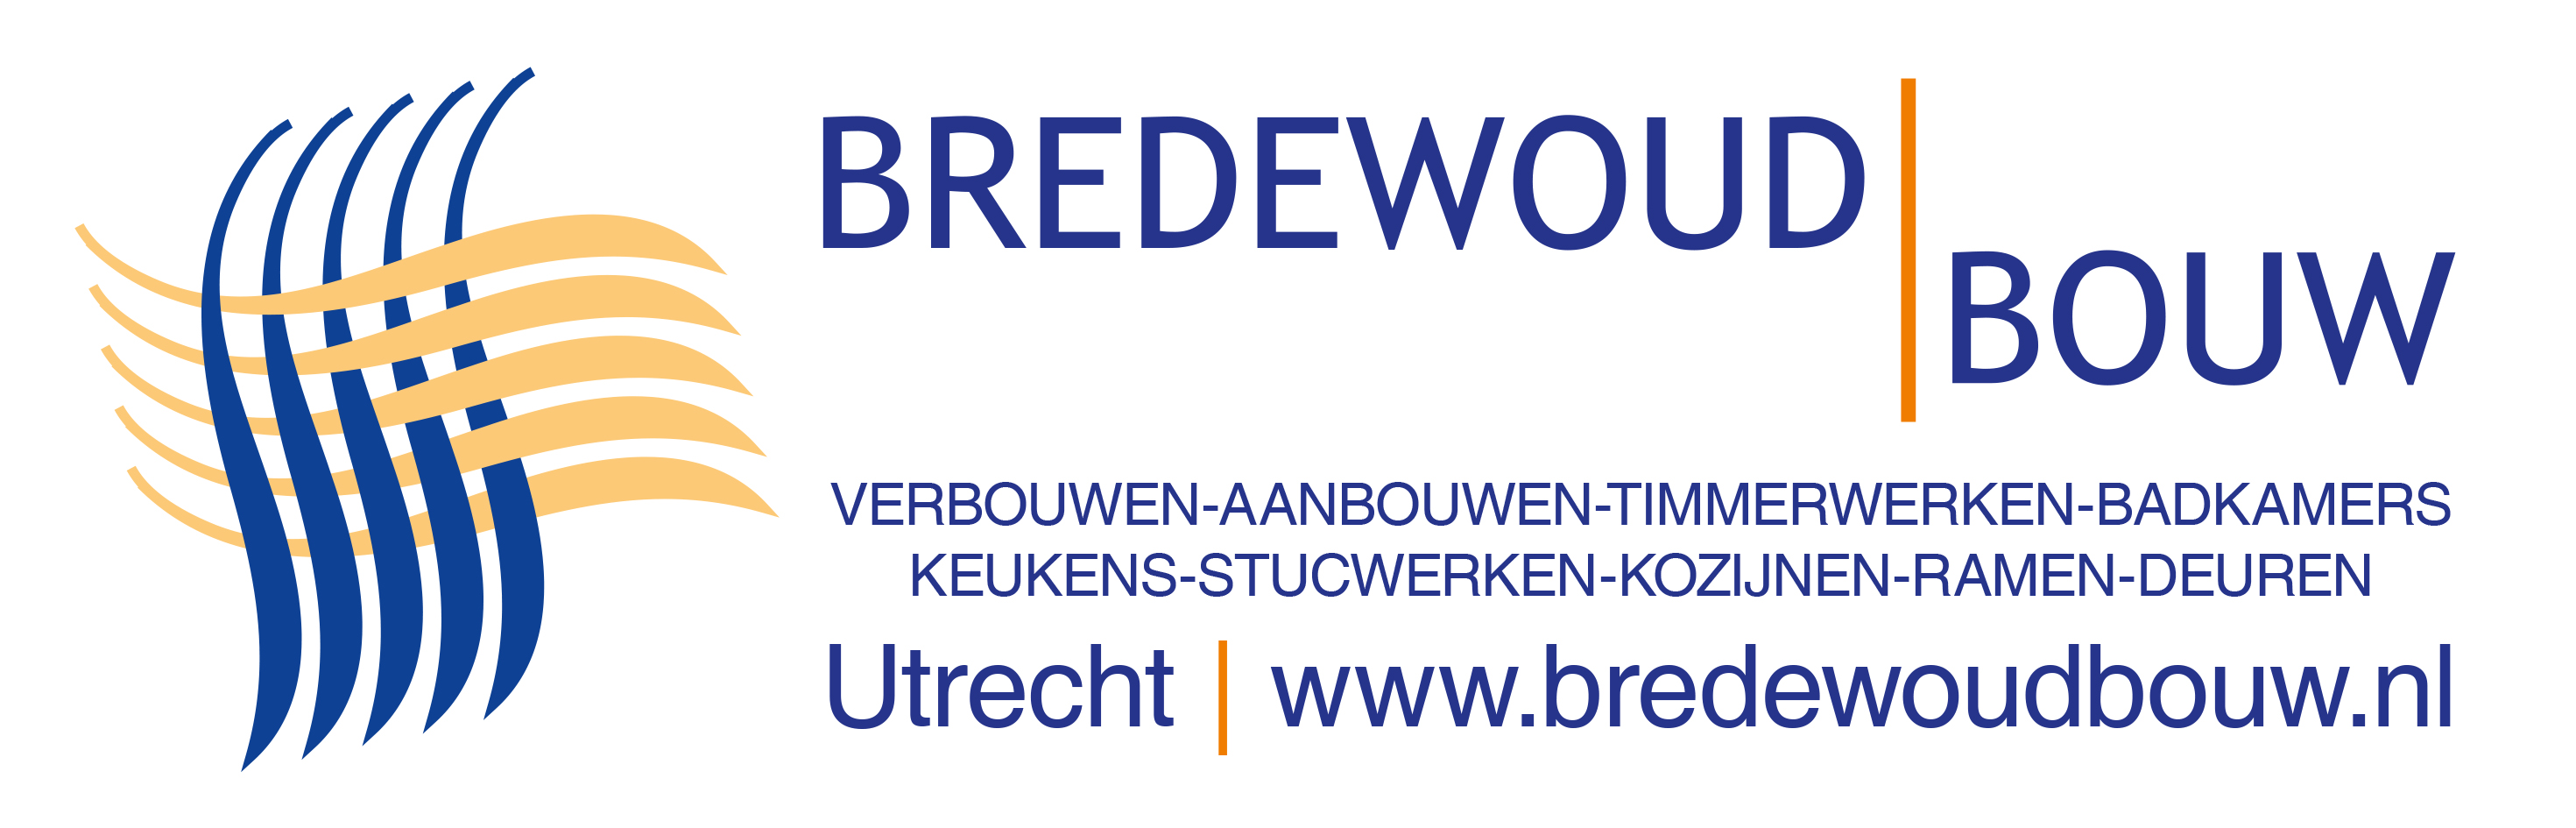 Bredewoud Bouw